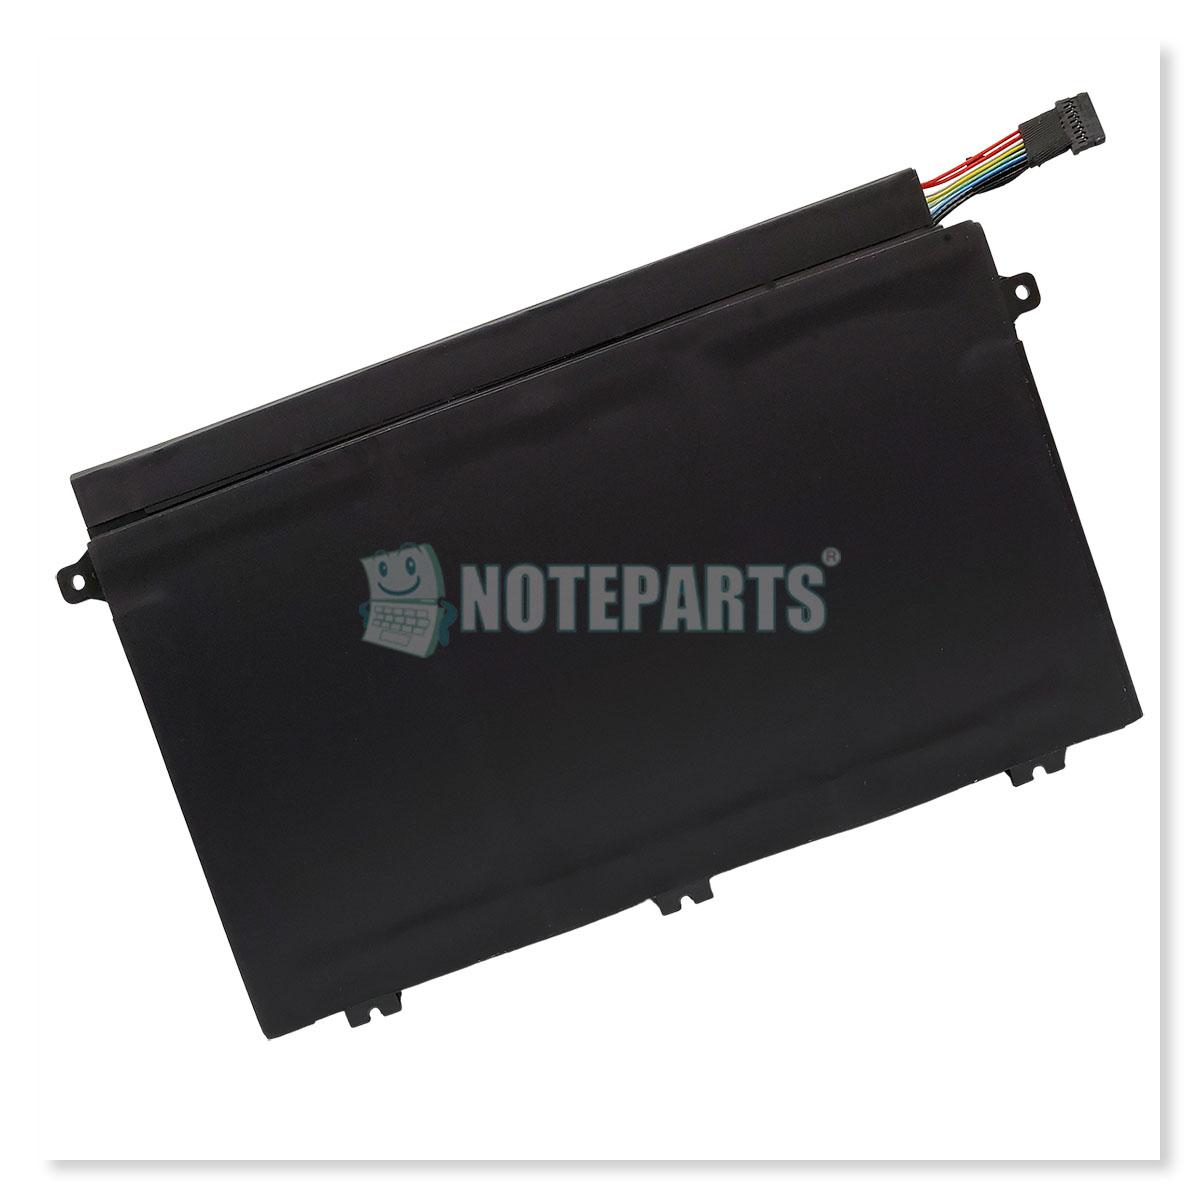 Lenovo レノボ ThinkPad E480 E490 E580 E590 バッテリー 01AV447 01AV448 L17L3P51 L17M3P52対応